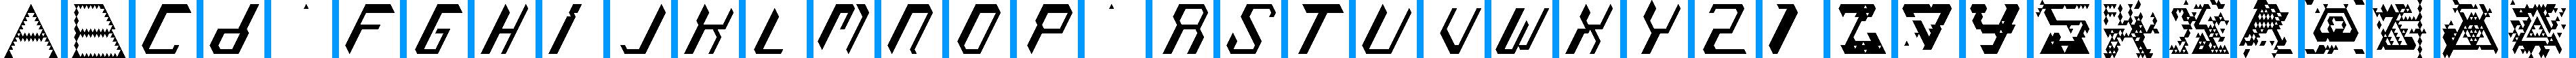 Particip-a-type v.255